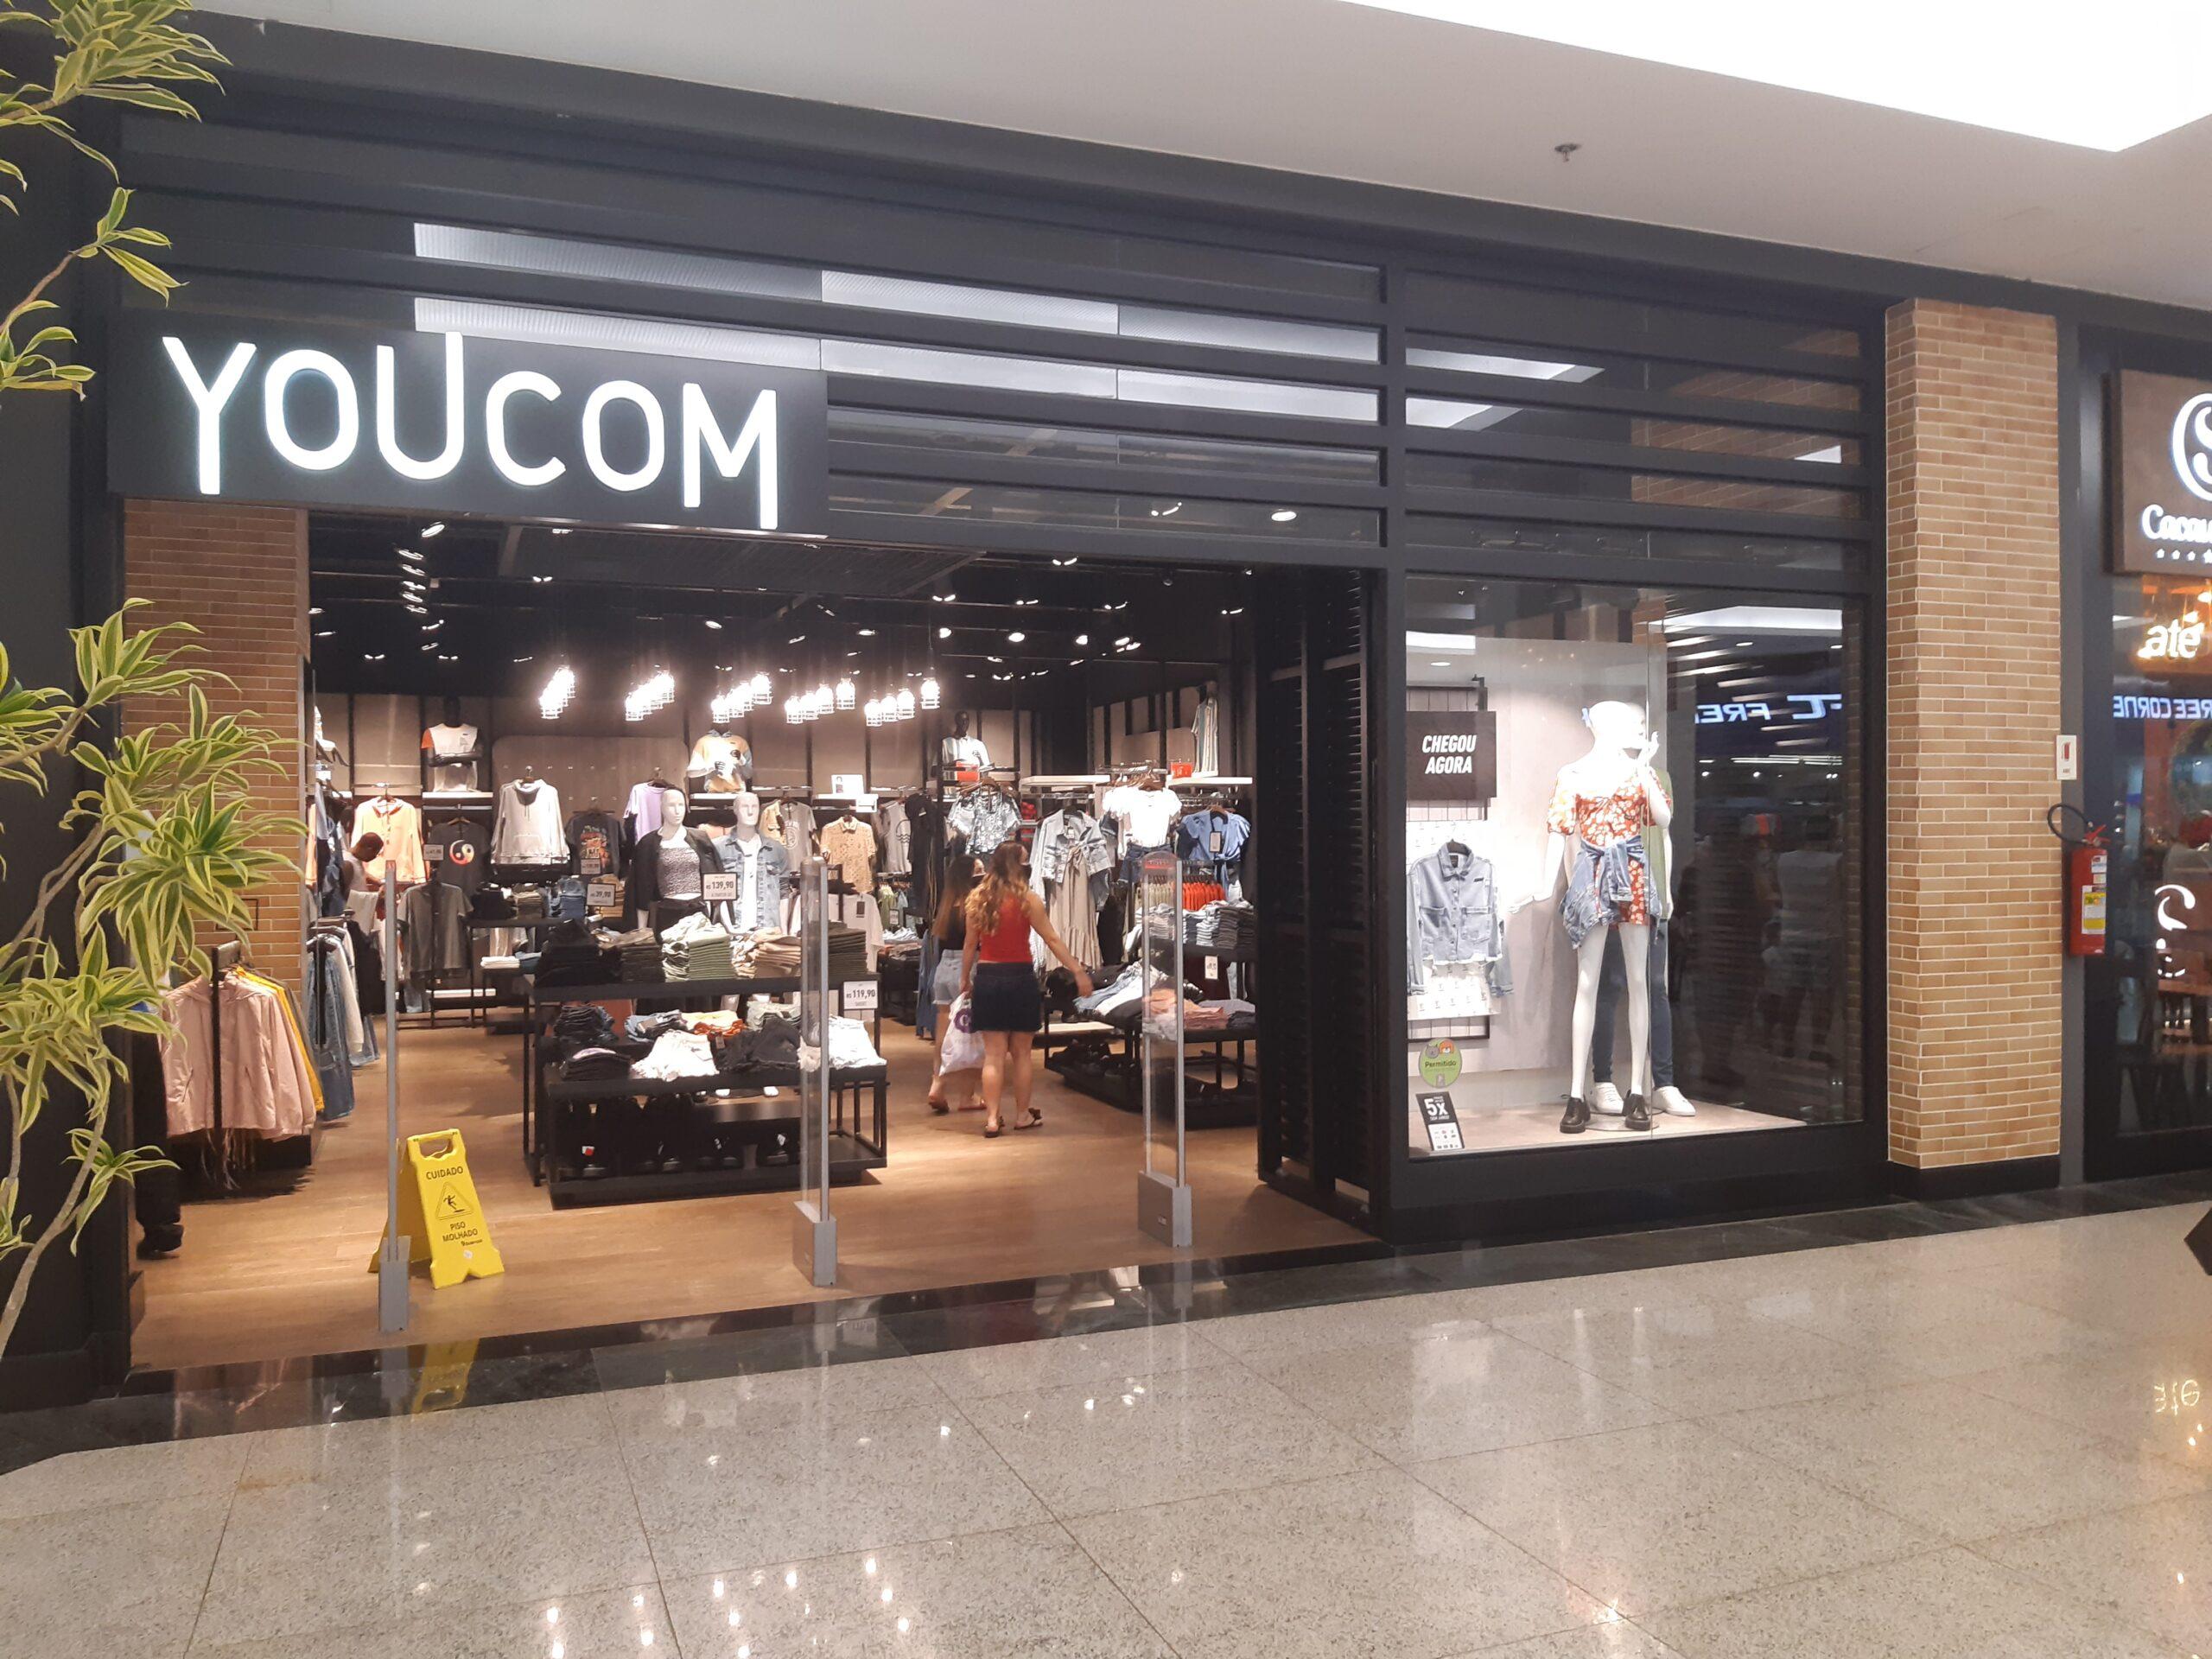 YouCom do Taguatinga Shopping, Comércio Brasilia